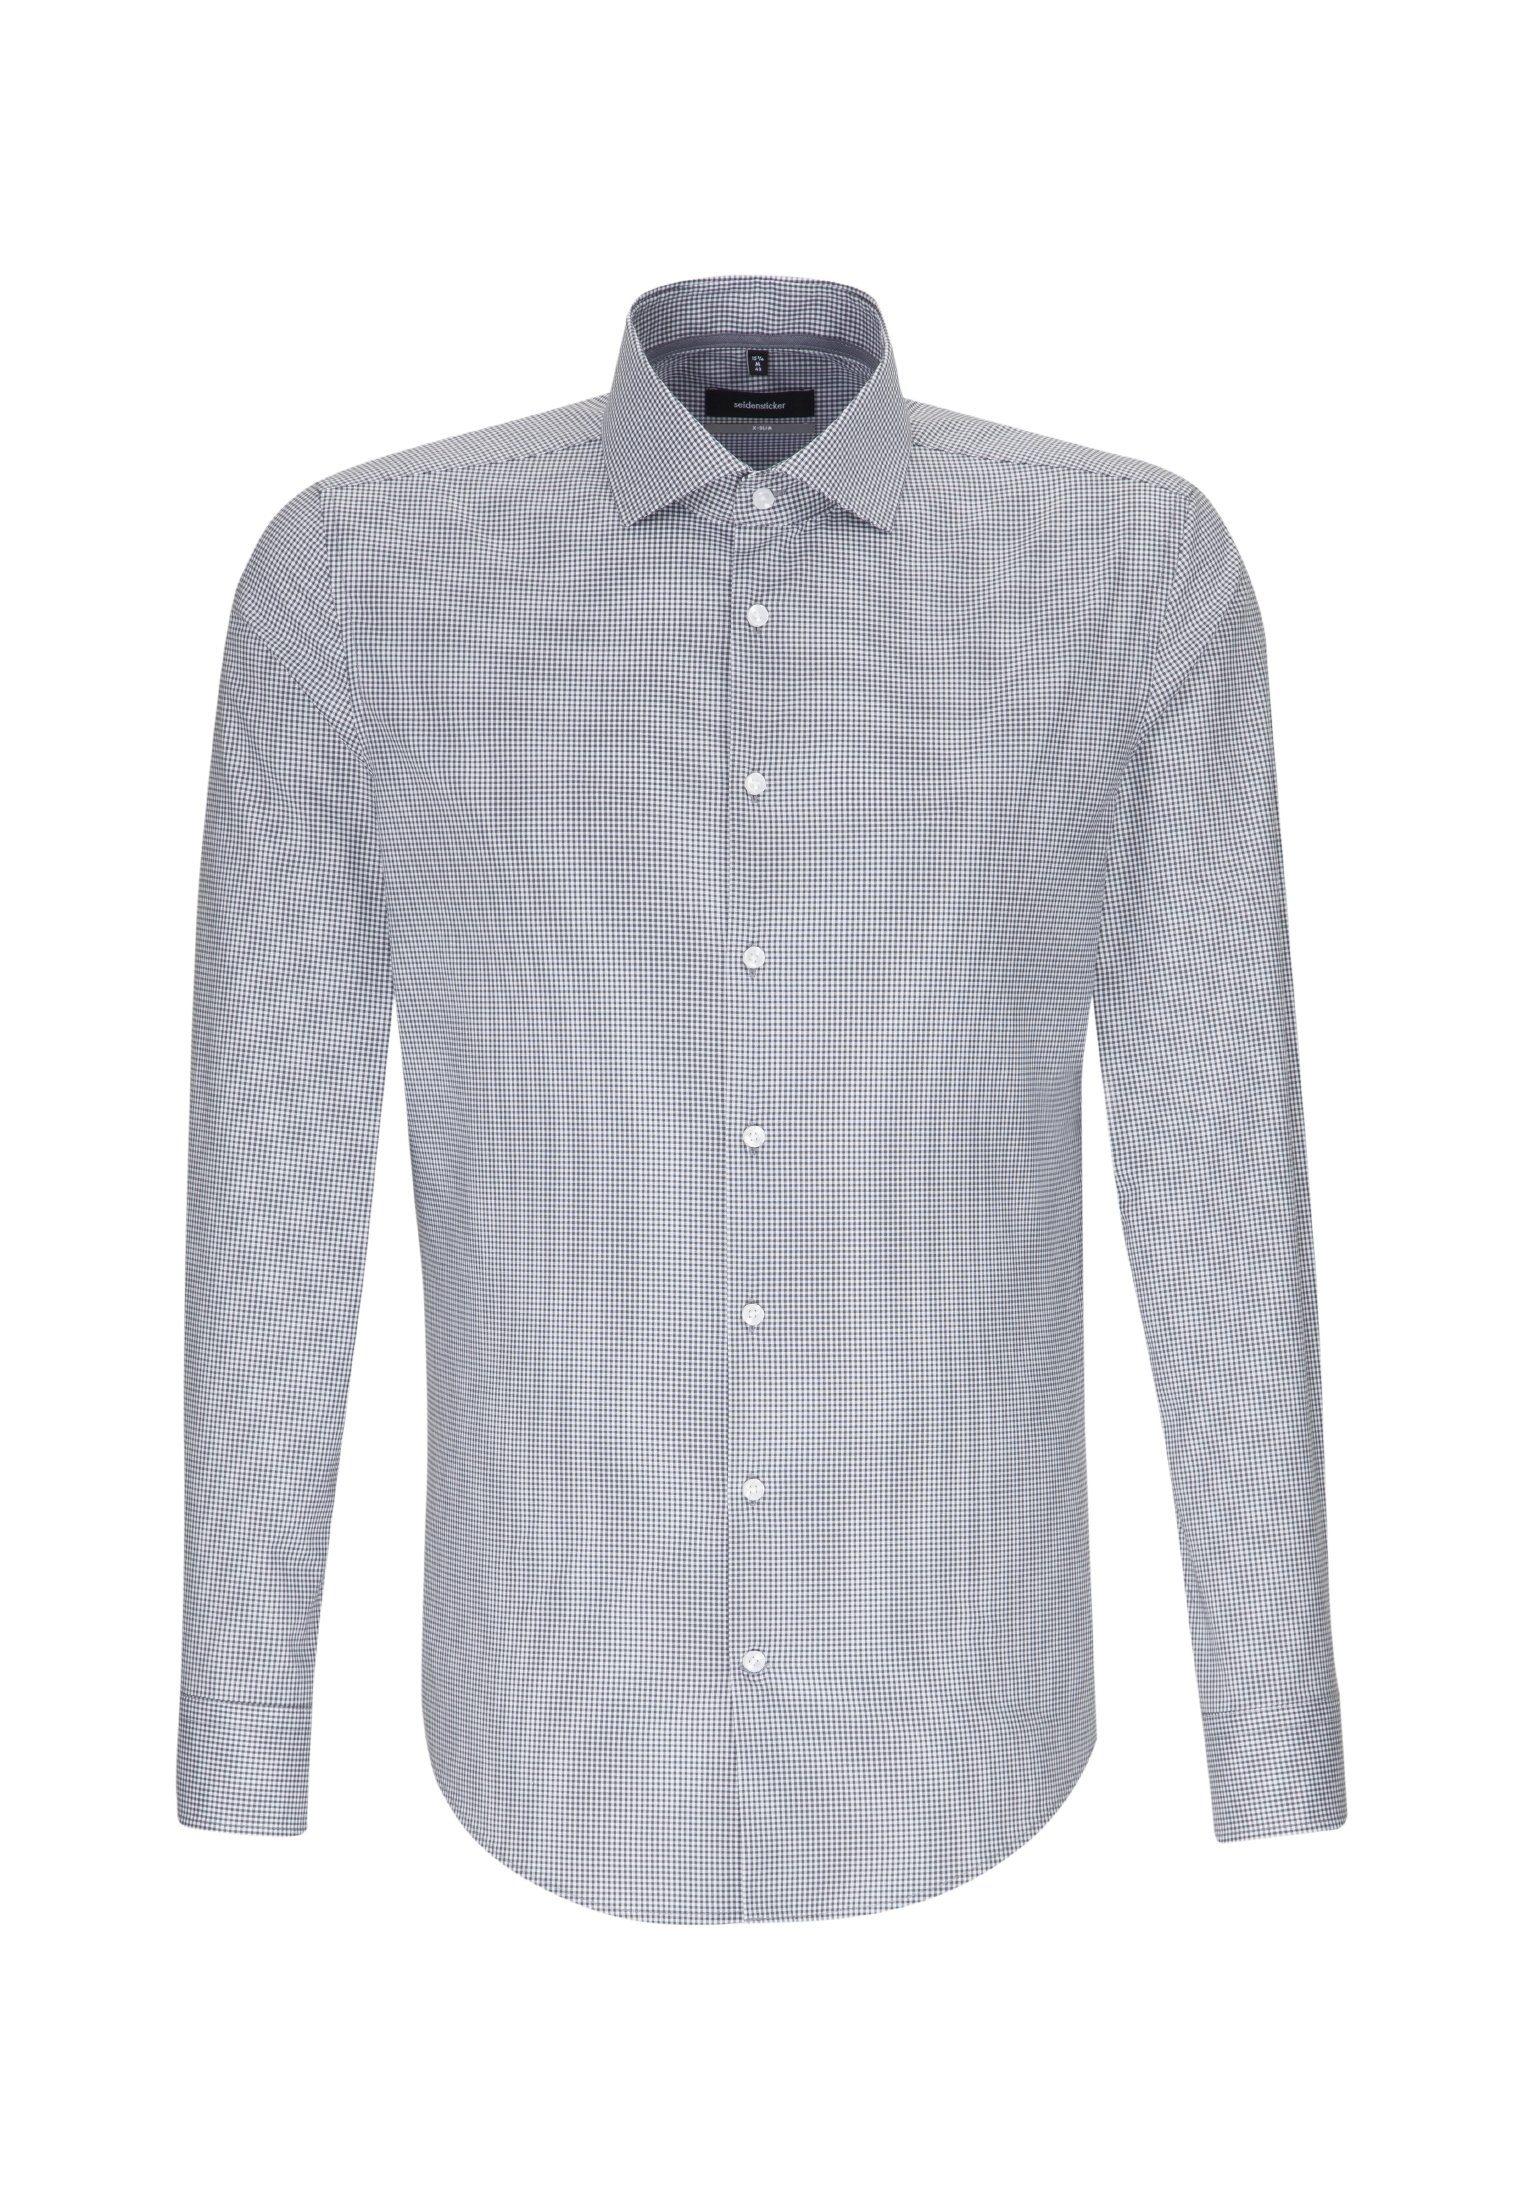 seidensticker Businesshemd X-Slim | Bekleidung > Hemden > Business Hemden | Grau | Baumwolle - Popeline | Seidensticker